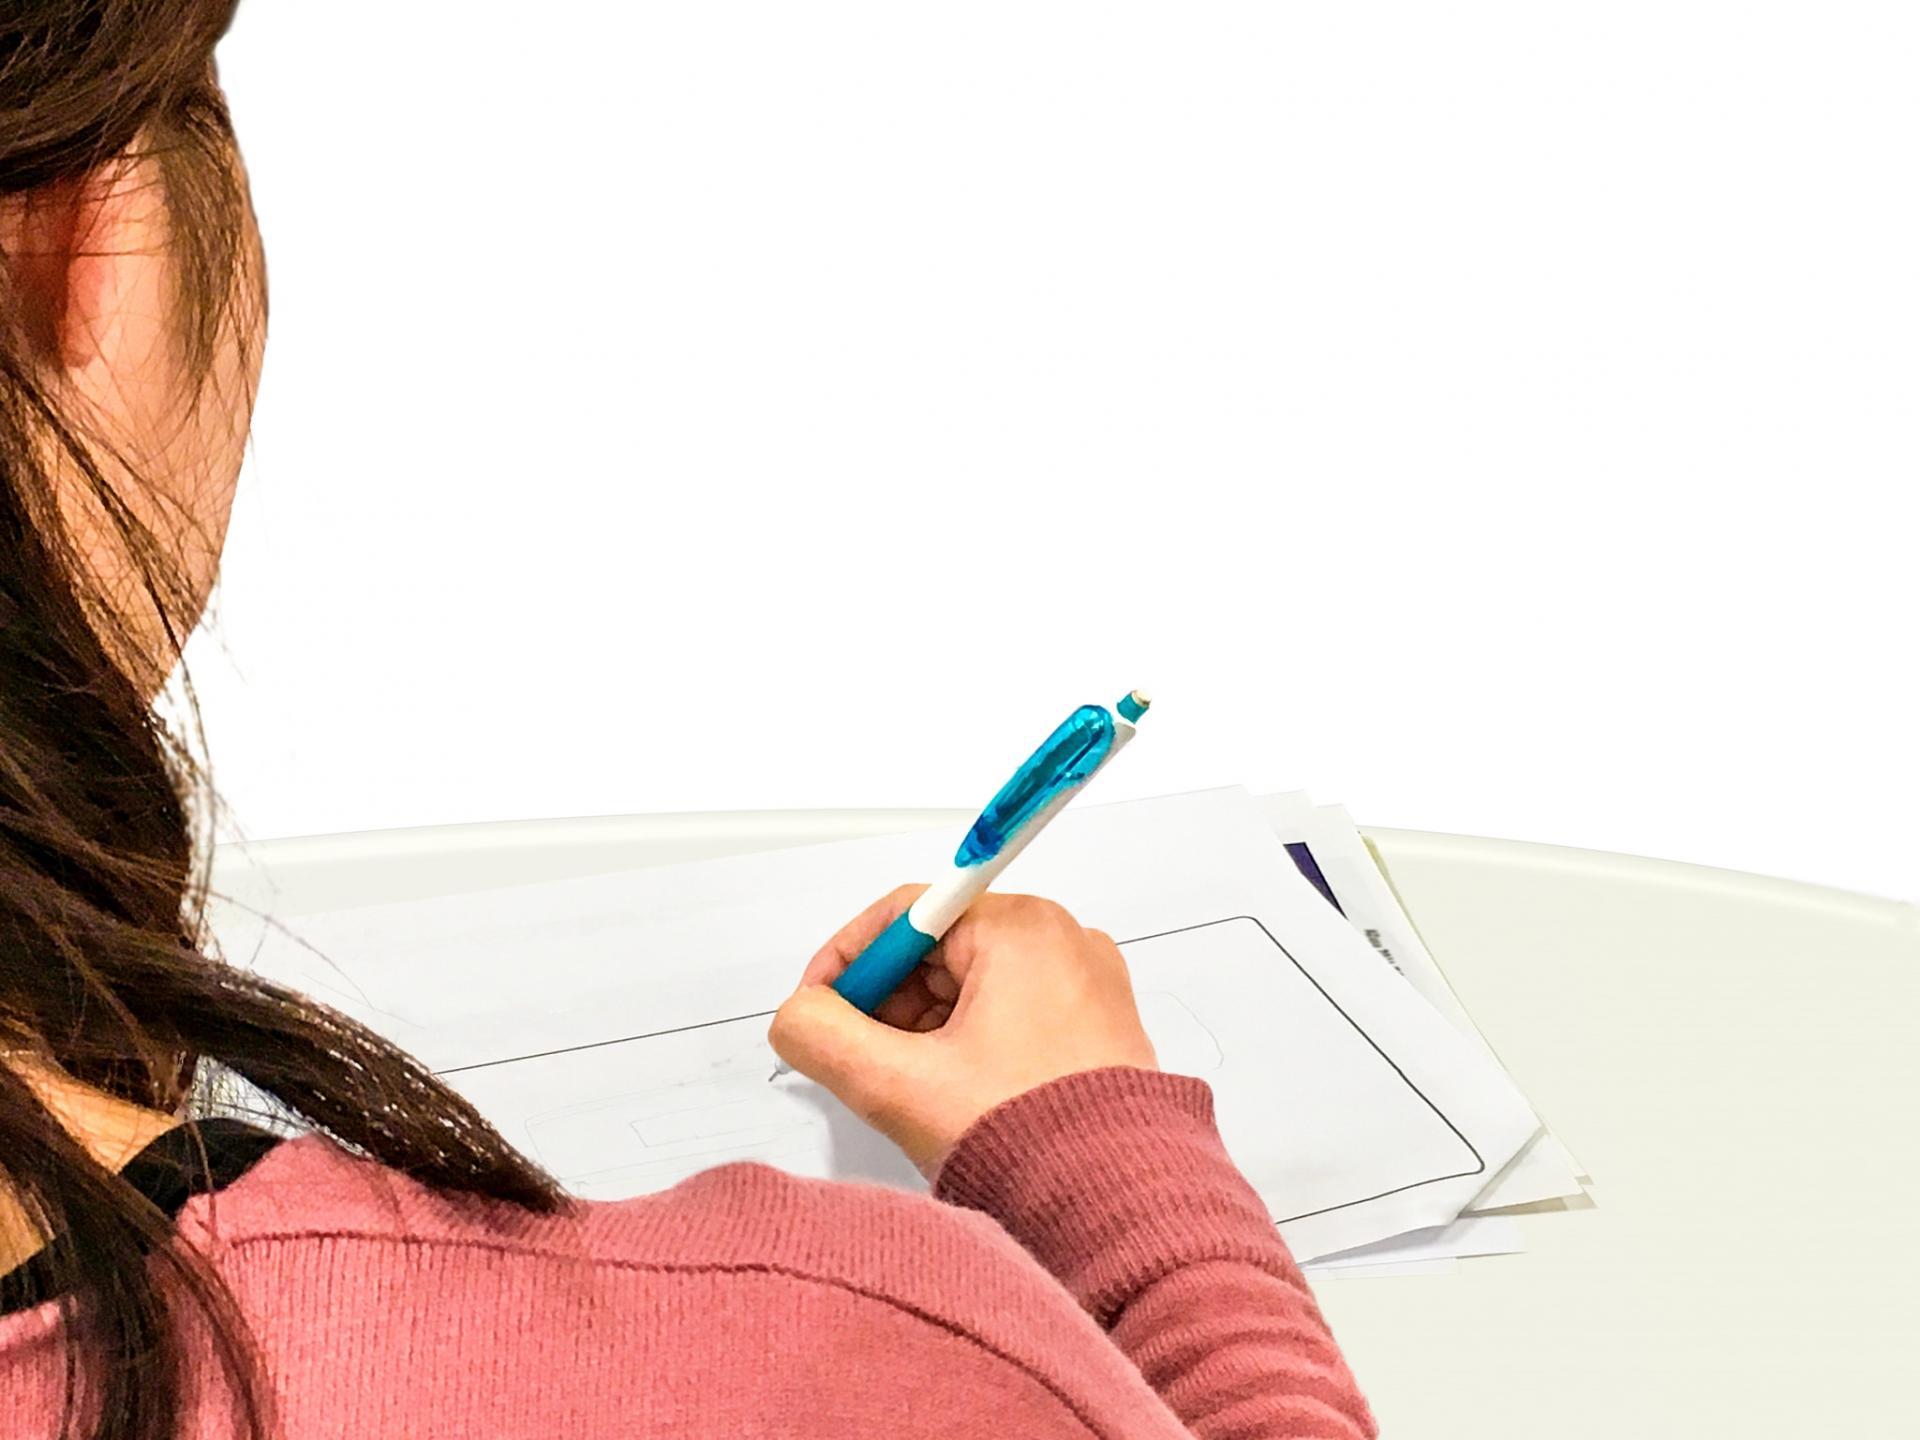 法定調書合計表の書き方と提出方法。ゆとりをもって正しく作成しよう